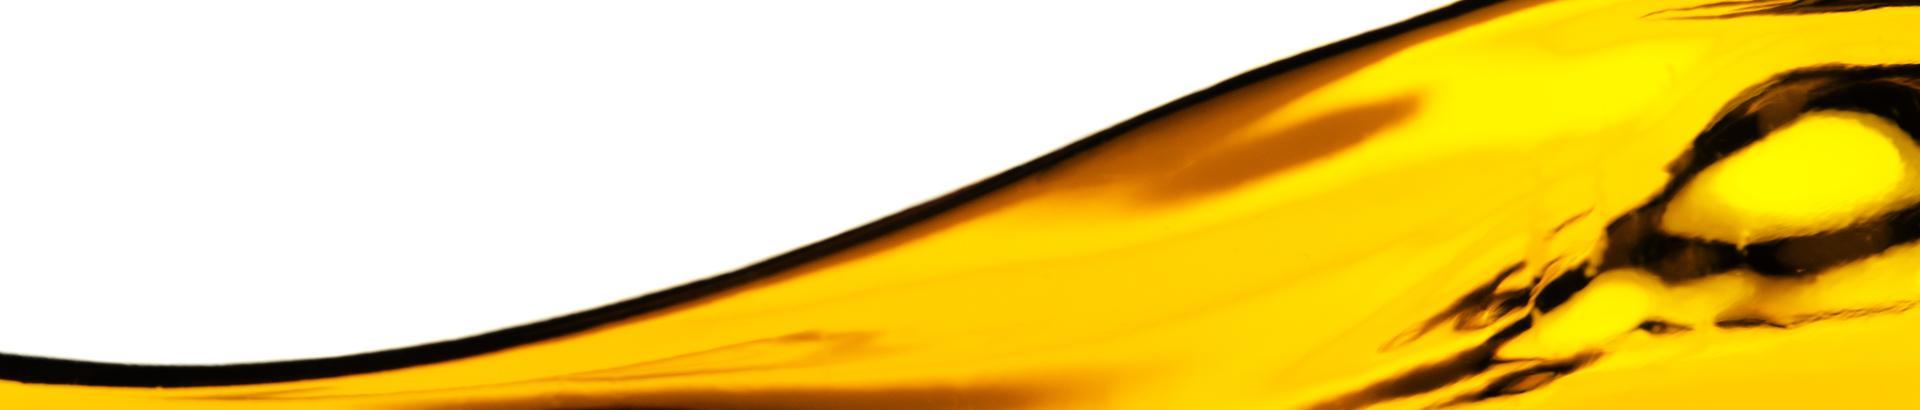 Wat is een olie?